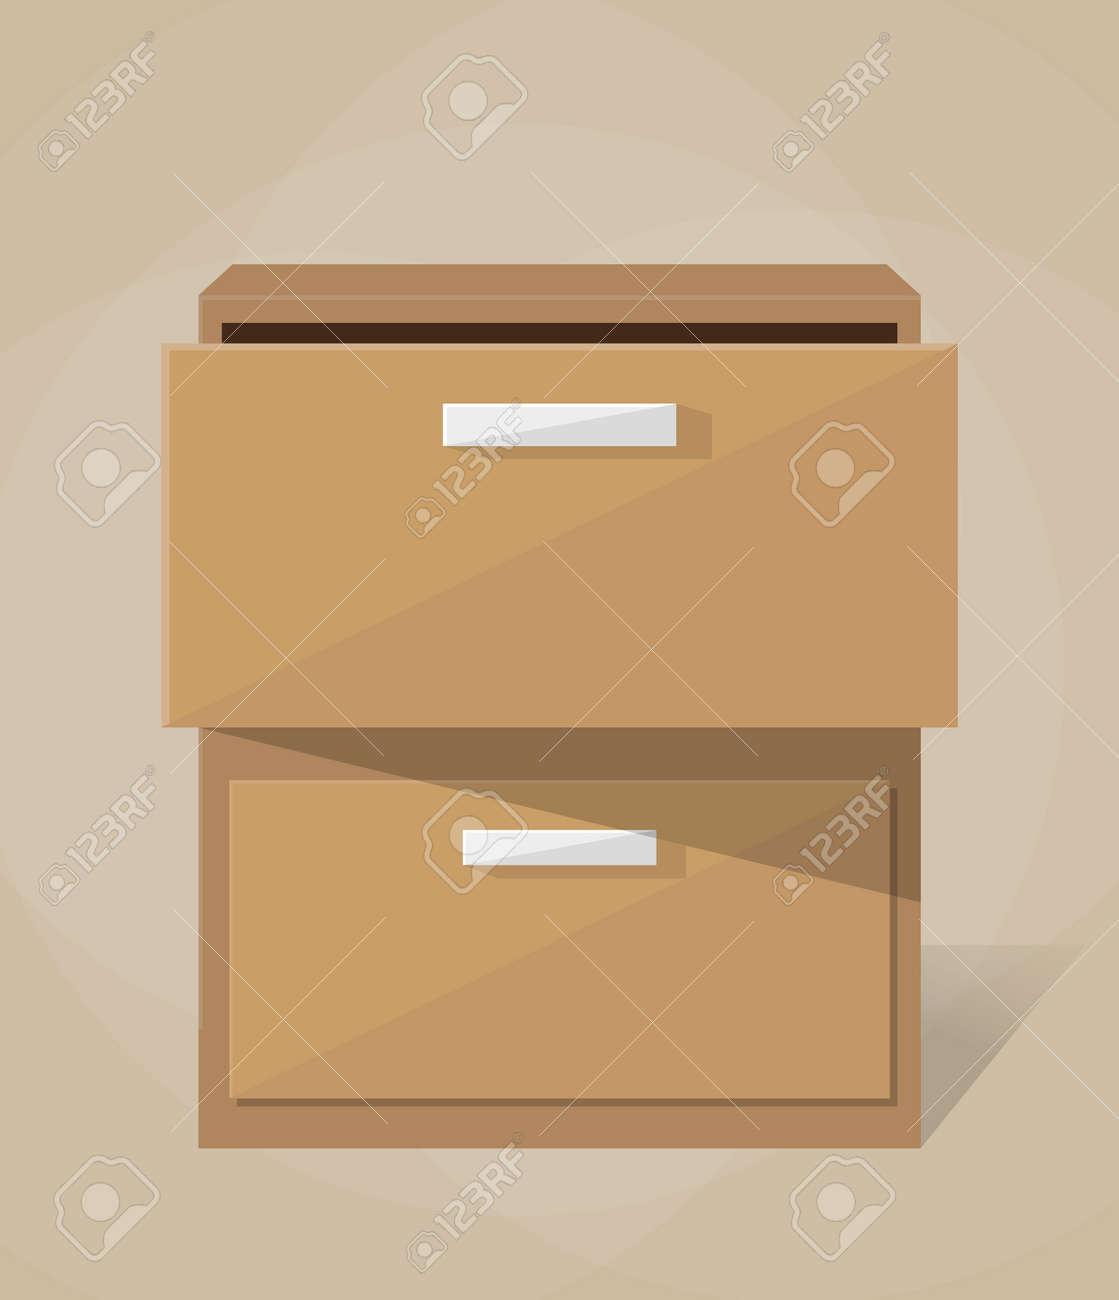 Archivador Archivo De Oficina De Madera Marrón. Mueble. Ilustración ...